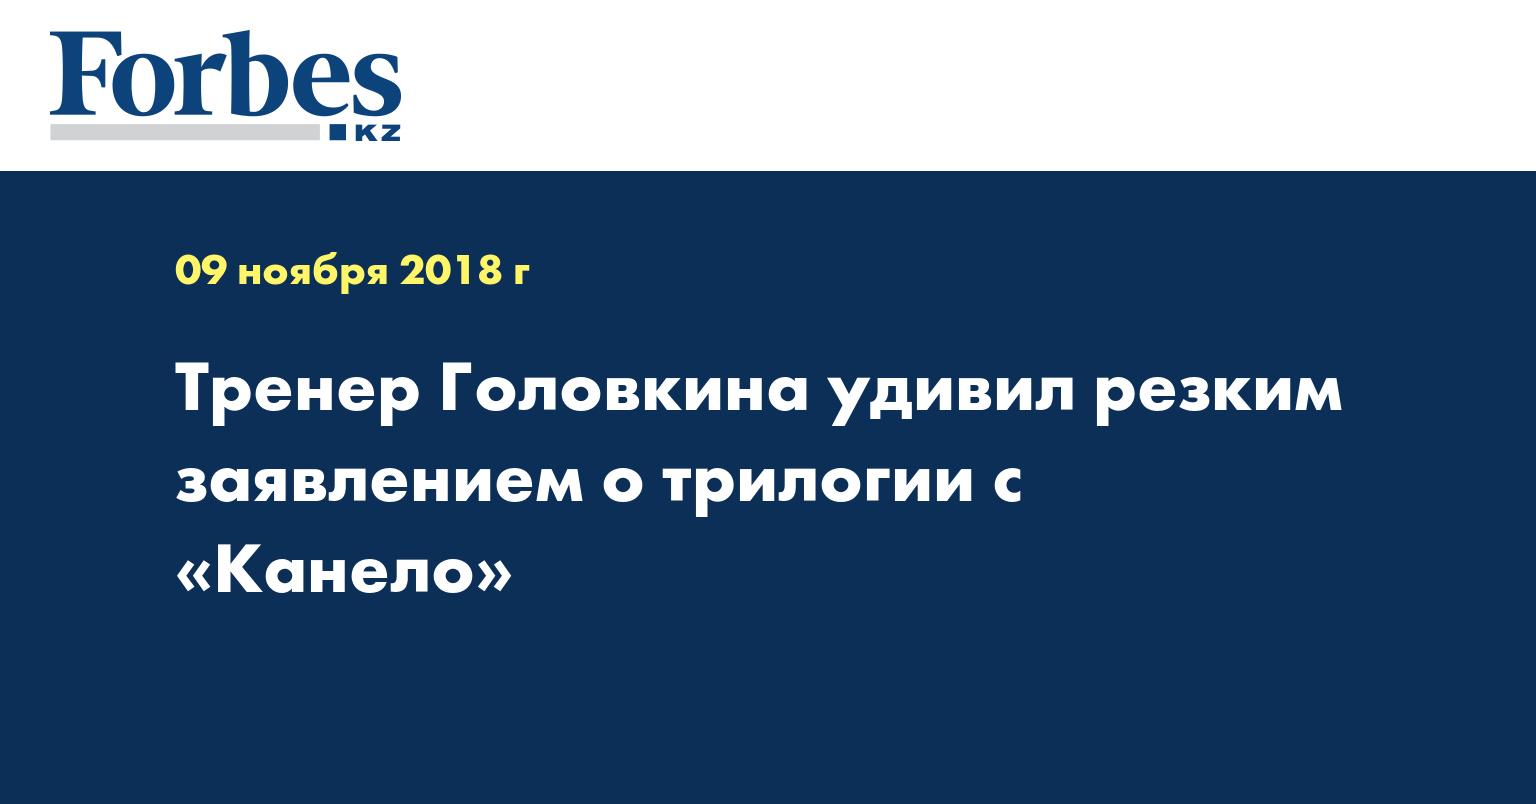 Тренер Головкина удивил резким заявлением о трилогии с «Канело»